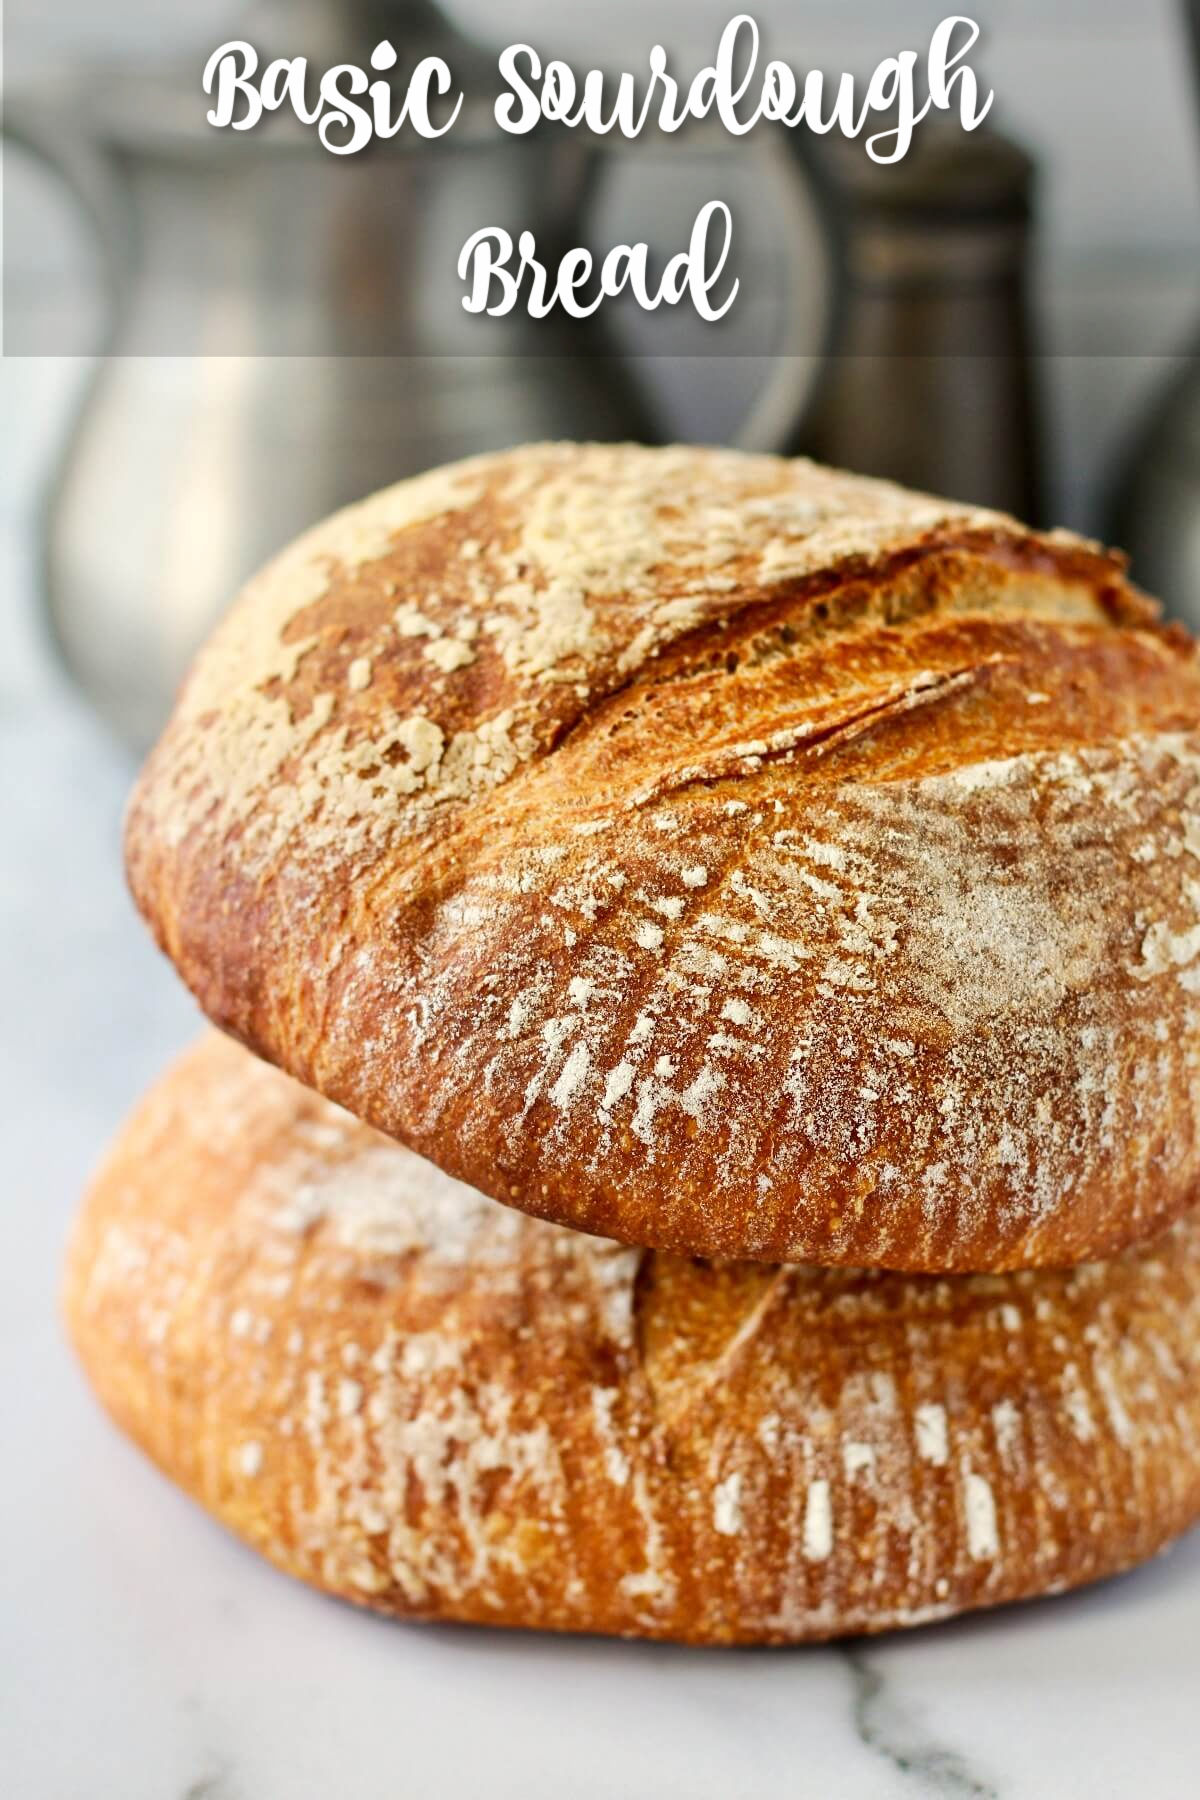 Basic Sourdough Bread for Beginners Recipe